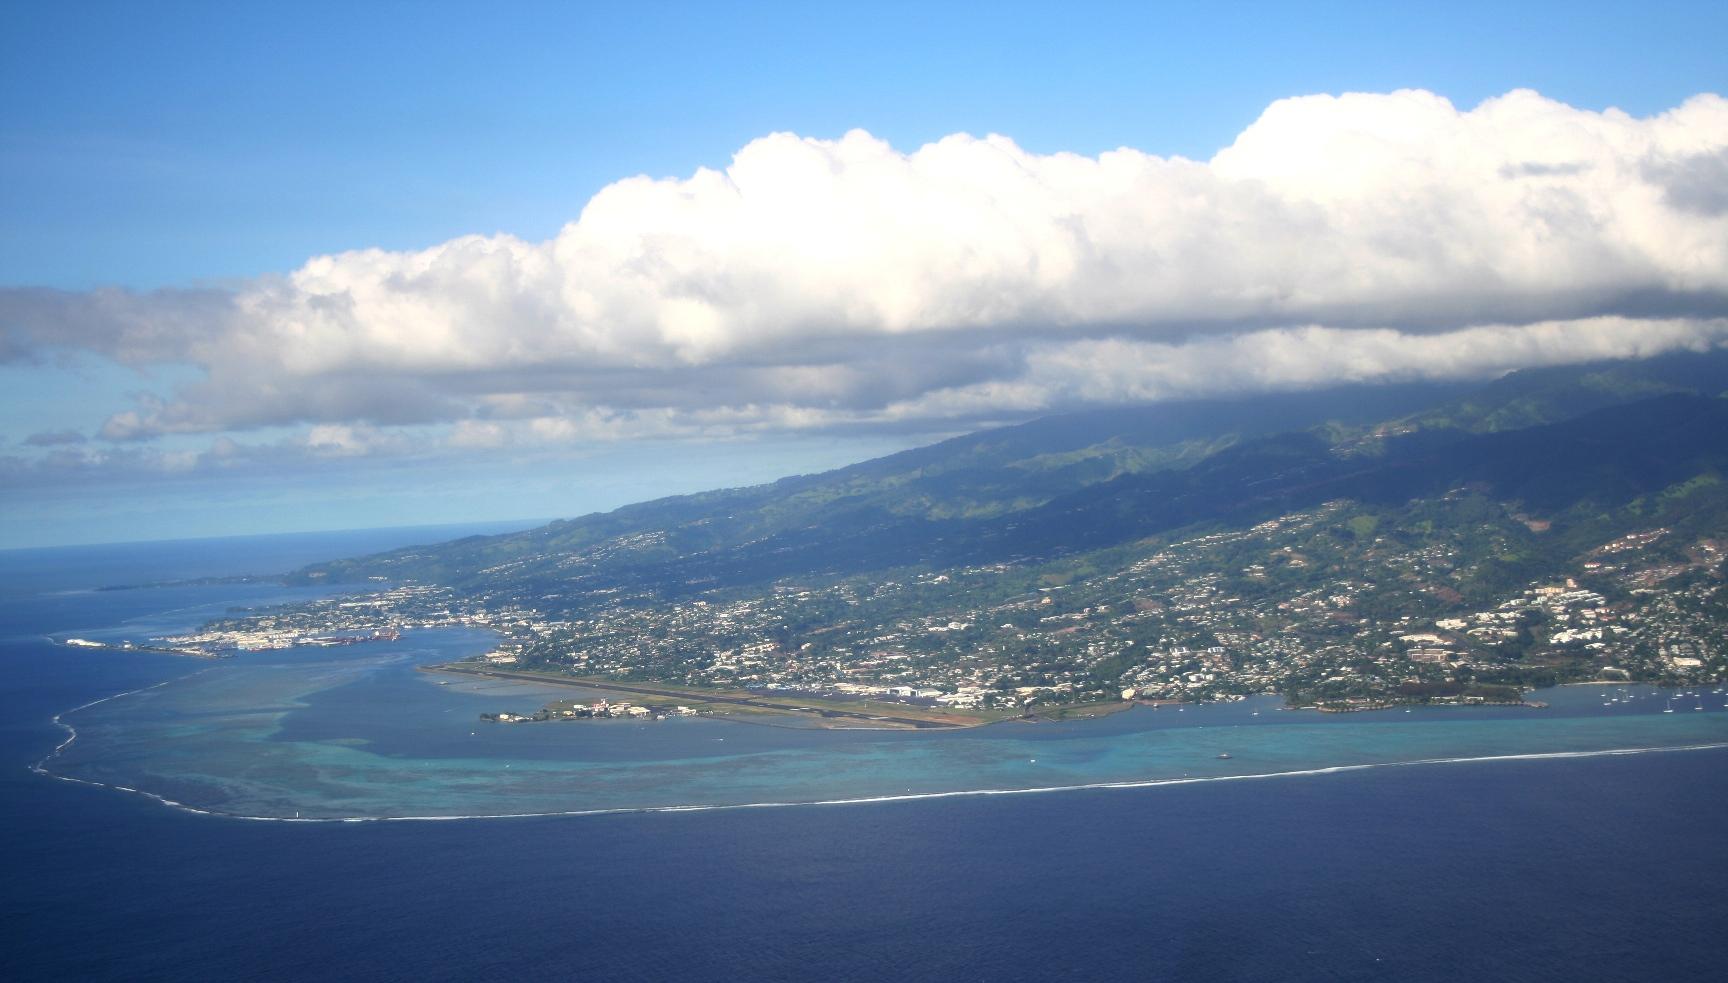 La grande agglomération de Papeete, sur l'île de Tahiti, où se concentre la majorité de la population polynésienne et des infrastructures importantes. Elle s'étend de la commune de Mahina à celle de Punaauia, avec la capitale Papeete en son centre. Comme toutes les autres grandes villes ultramarines, Papeete fait face à des enjeux d'urbanisation importants ©Duanrevig.com